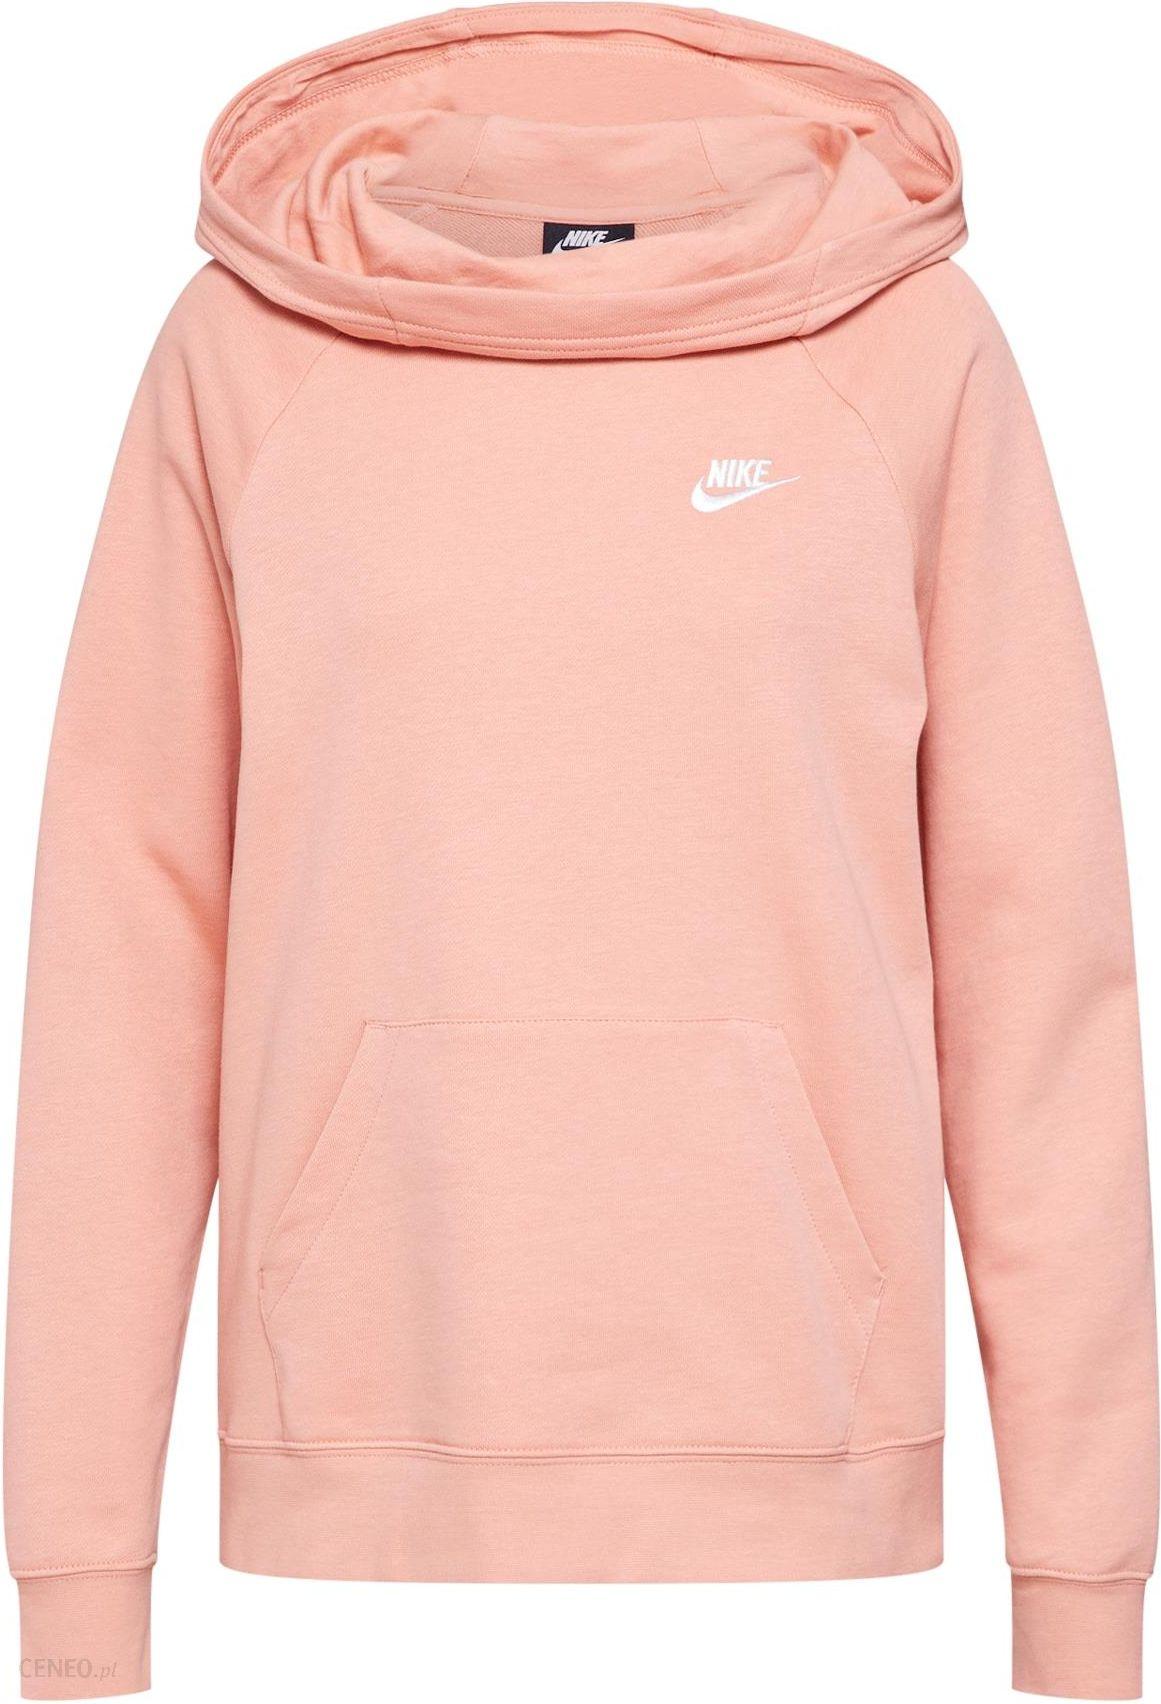 Damska bluza z kapturem Nike Sportswear Tech Fleece rozpinana Biała Melanż Czarna